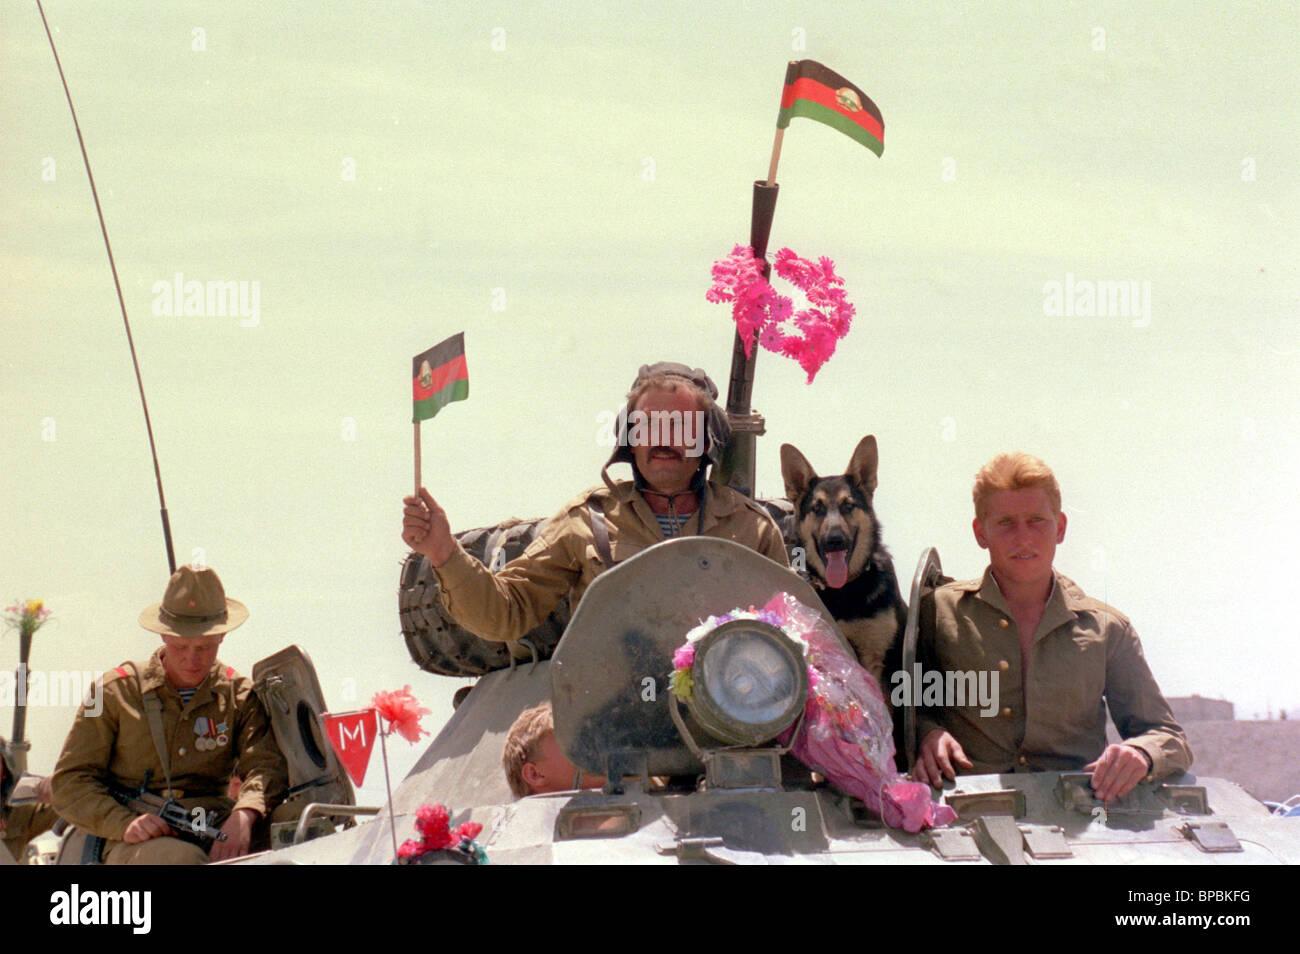 Soviet Afghanistan war - Page 6 Return-of-soviet-troops-from-afghanistan-1989-BPBKFG